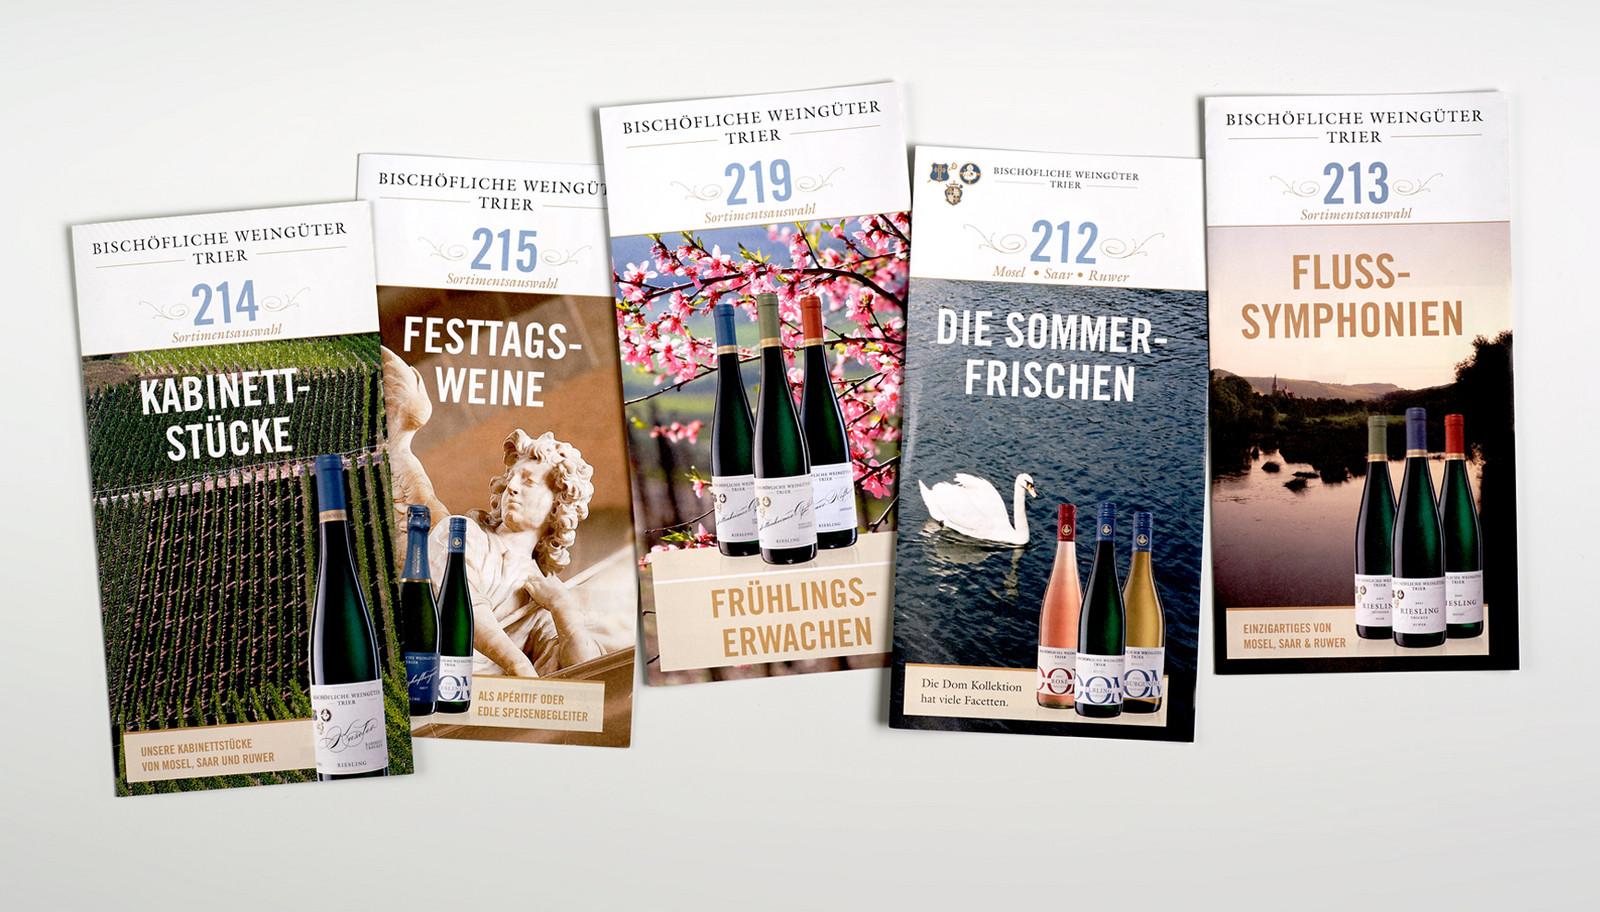 Verschiedene Flyer für die Bischoeflichen Weingüter Trier